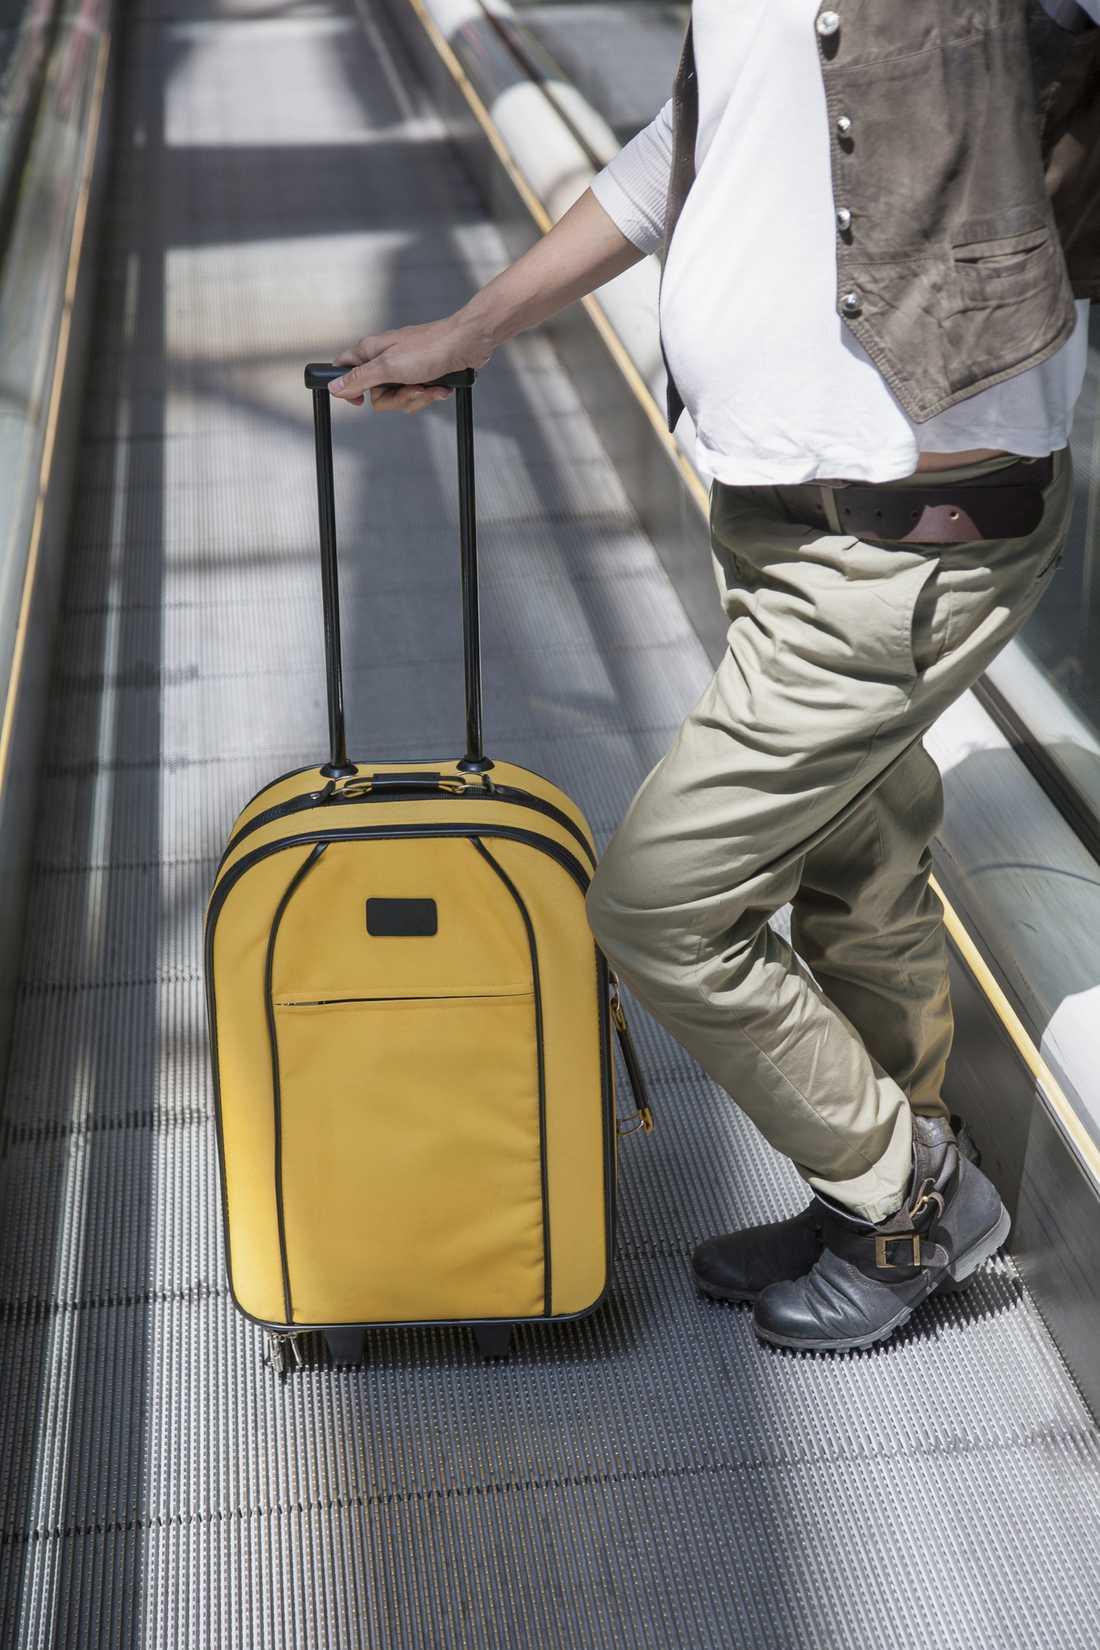 Flyger du med handbagage hos Ryanair kan du tvingas lämna in handbagaget.